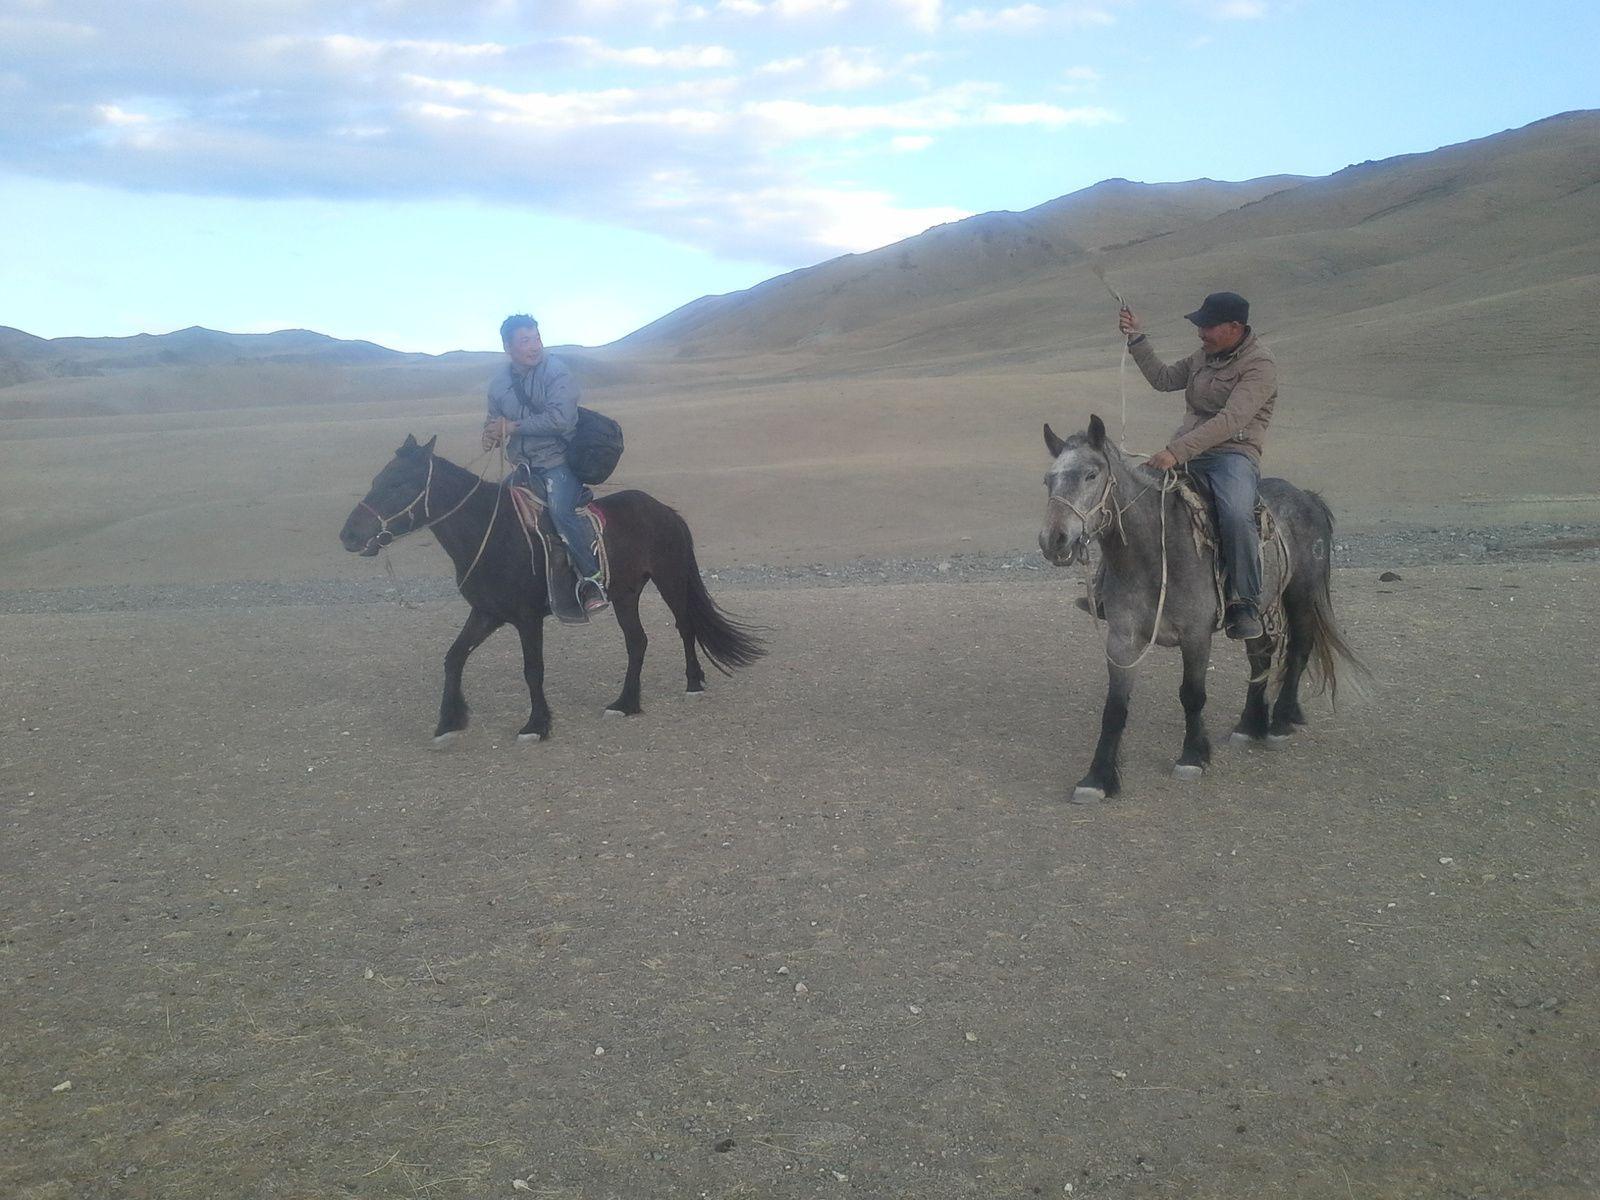 le cheval mongole, le compagnon indispensable